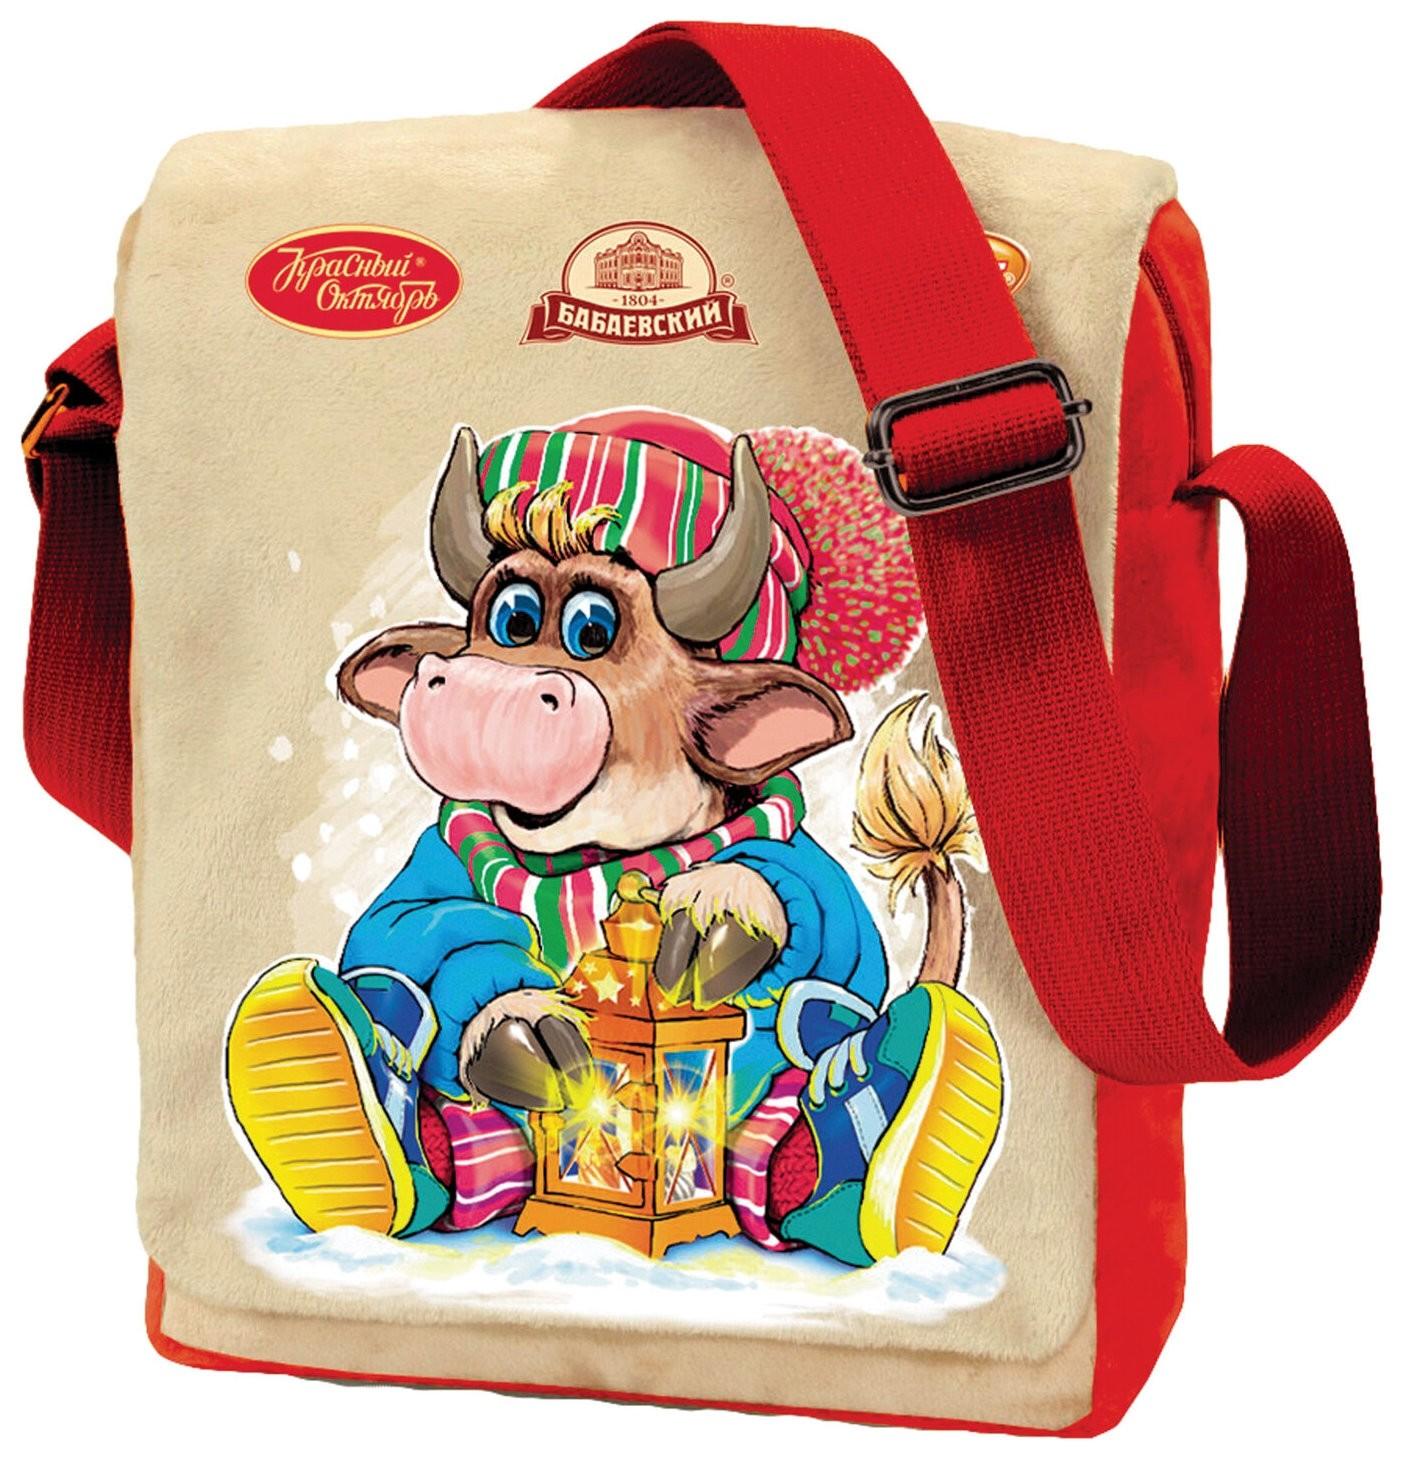 Подарок новогодний сумка Чемпион, 1000 г, набор конфет, мягкая игрушка, ок22397l101 Объединенные кондитеры